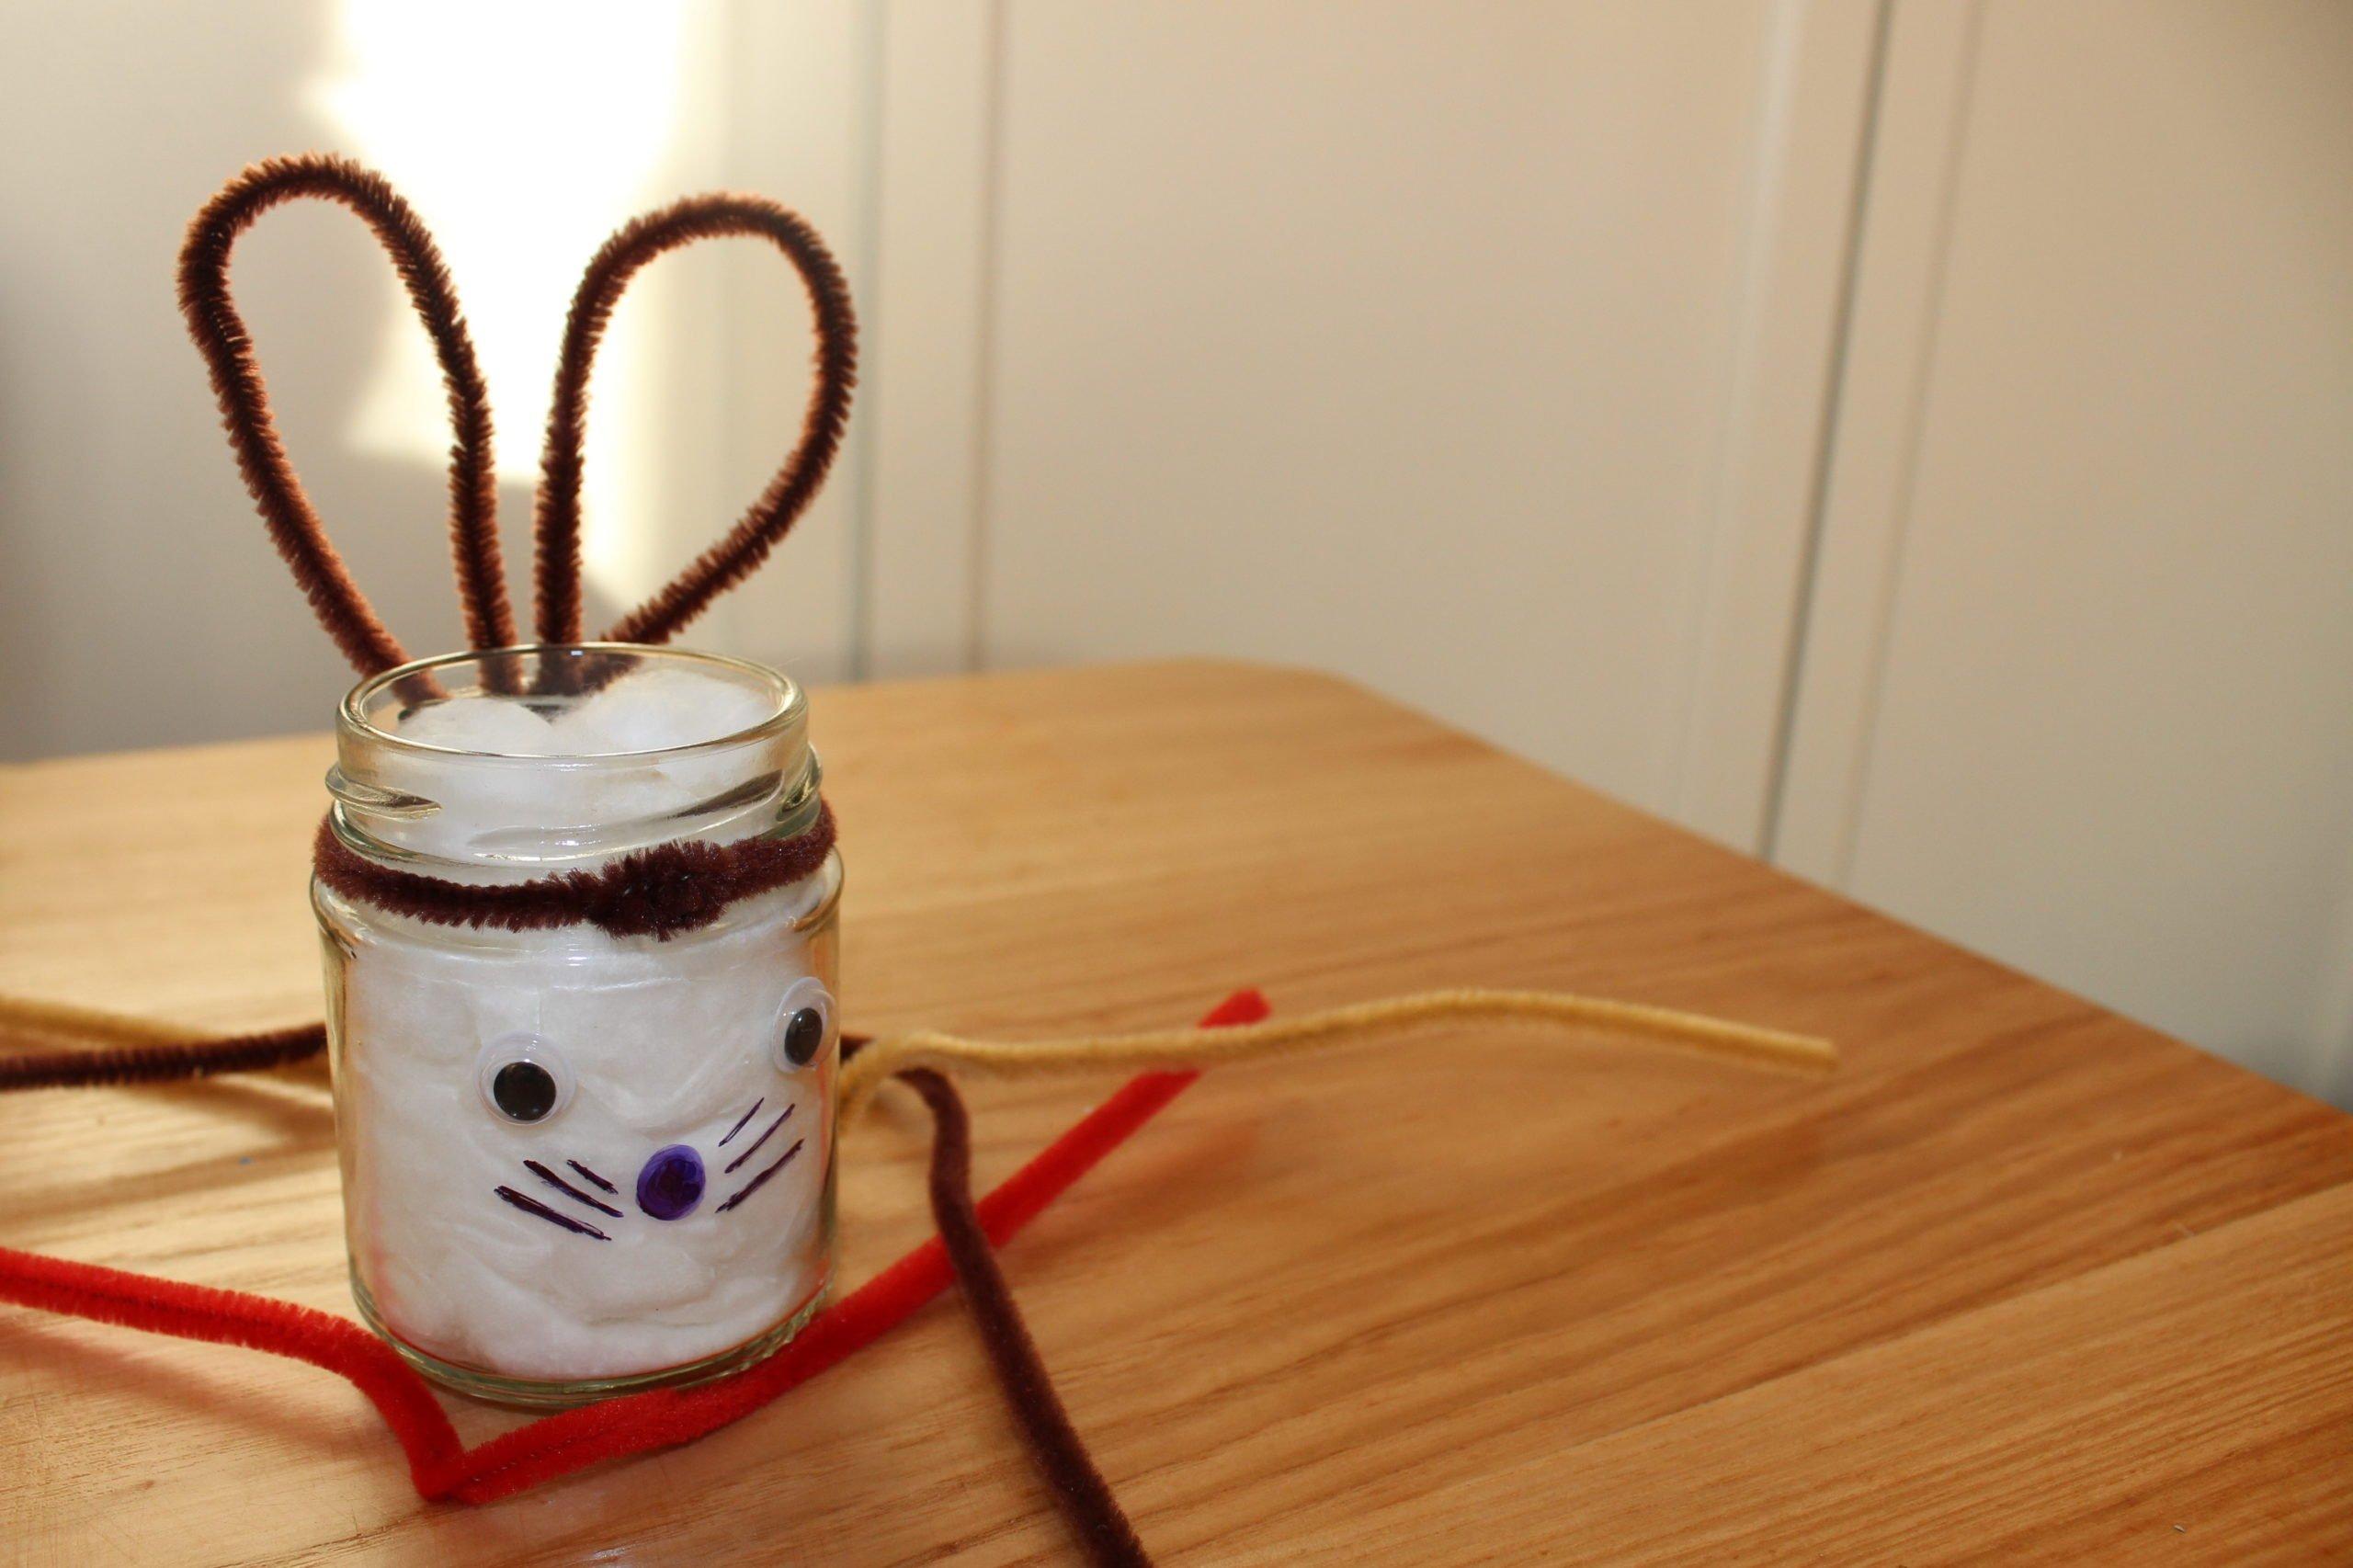 Jak zrobić królika wielkanocnego na słoiku z rzeżuchą, zabawa dla dzieci